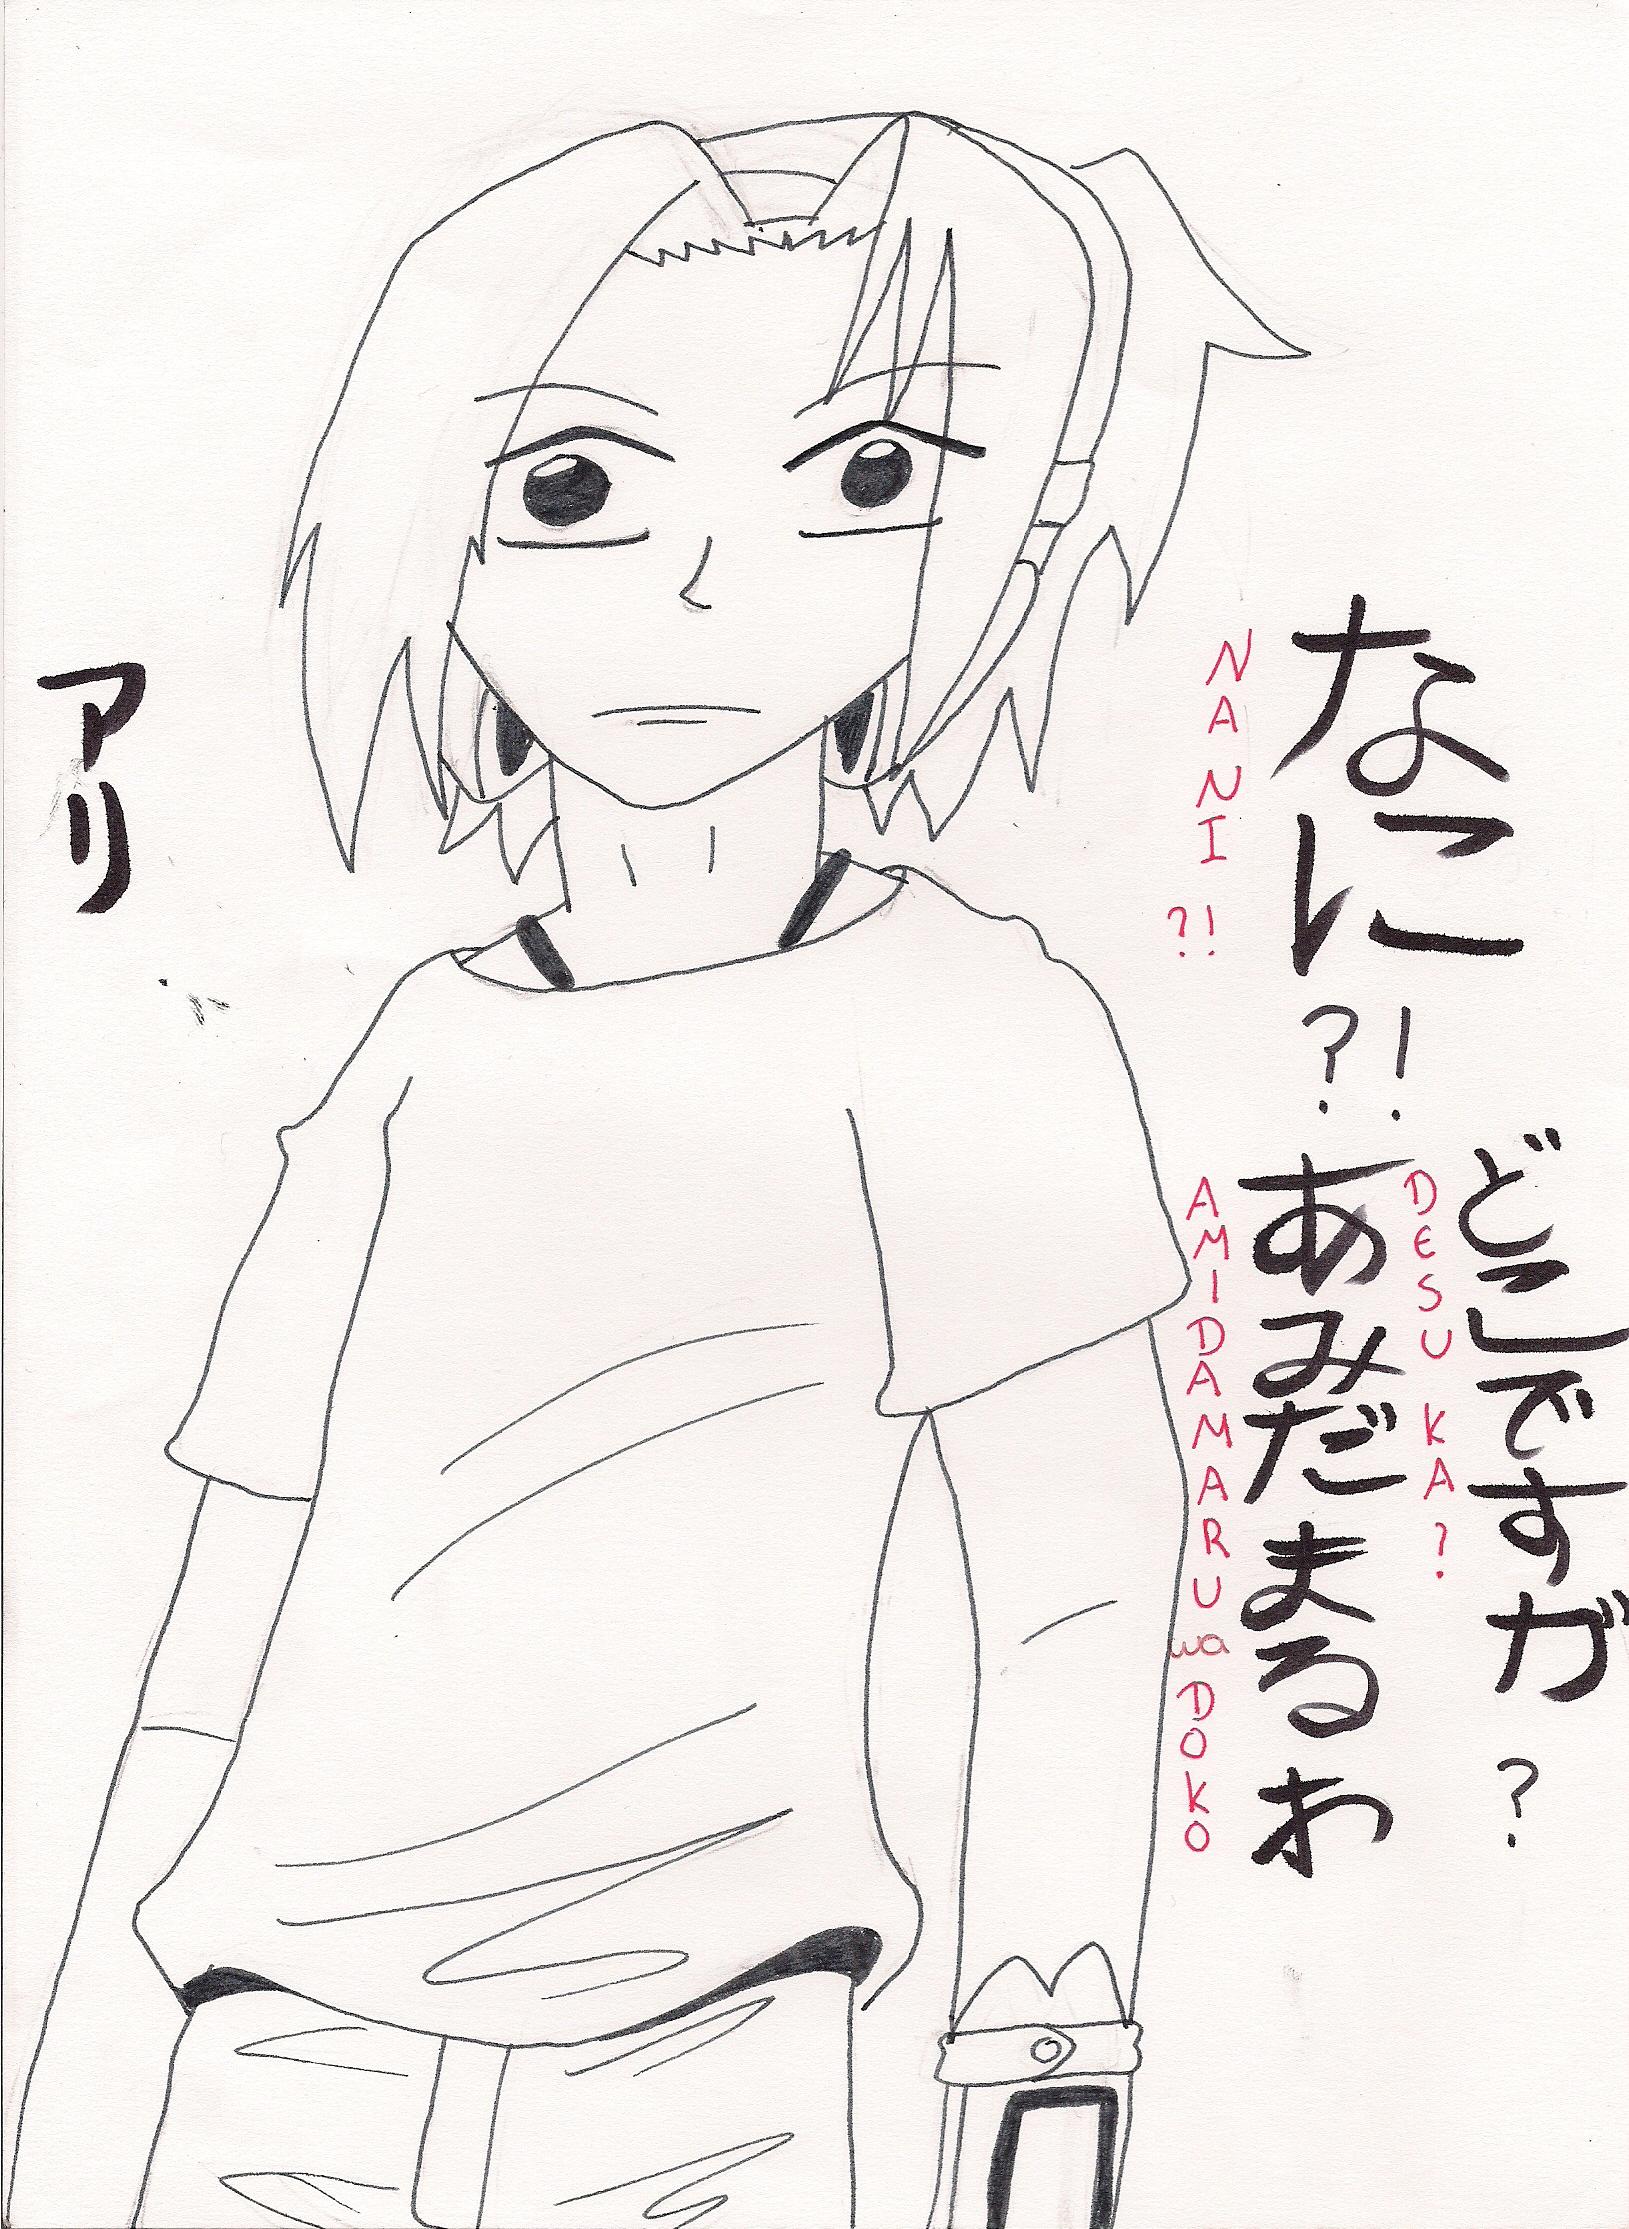 Asakura Yoh 1 LineArt